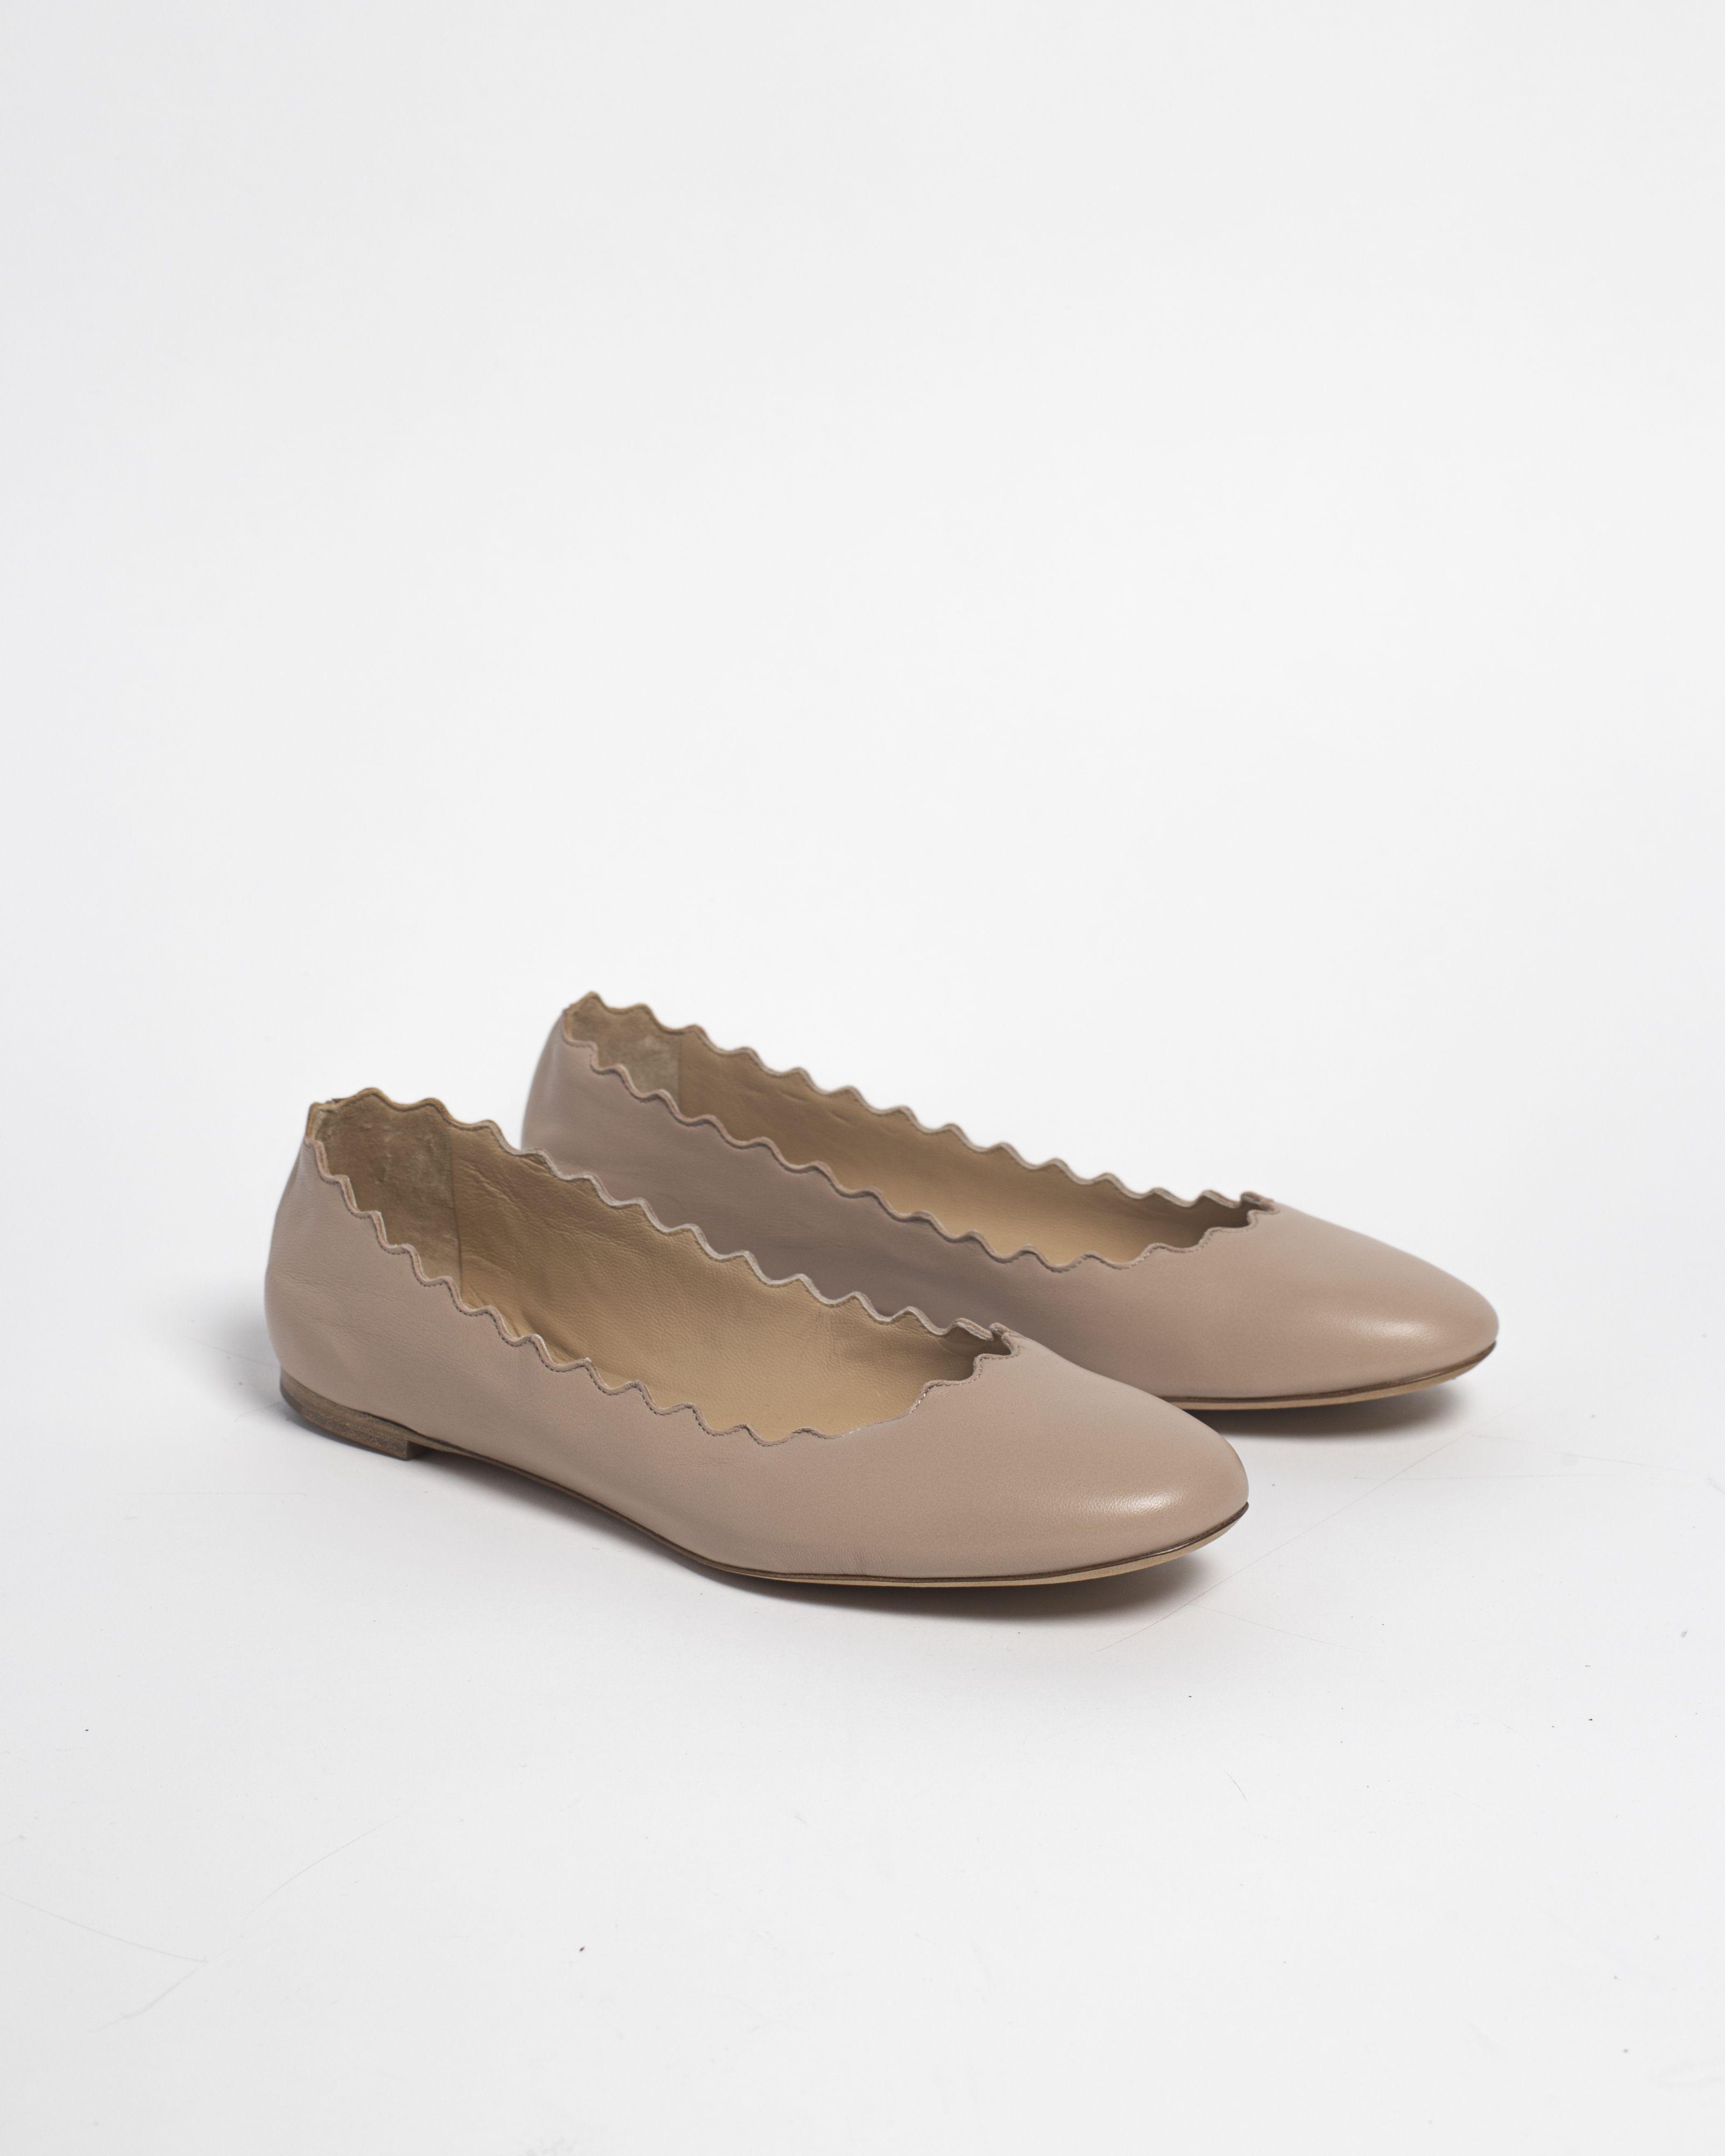 d1a4fc34d00 Chloé Lauren Ballet Flat - Pink Tea Ballet Flats